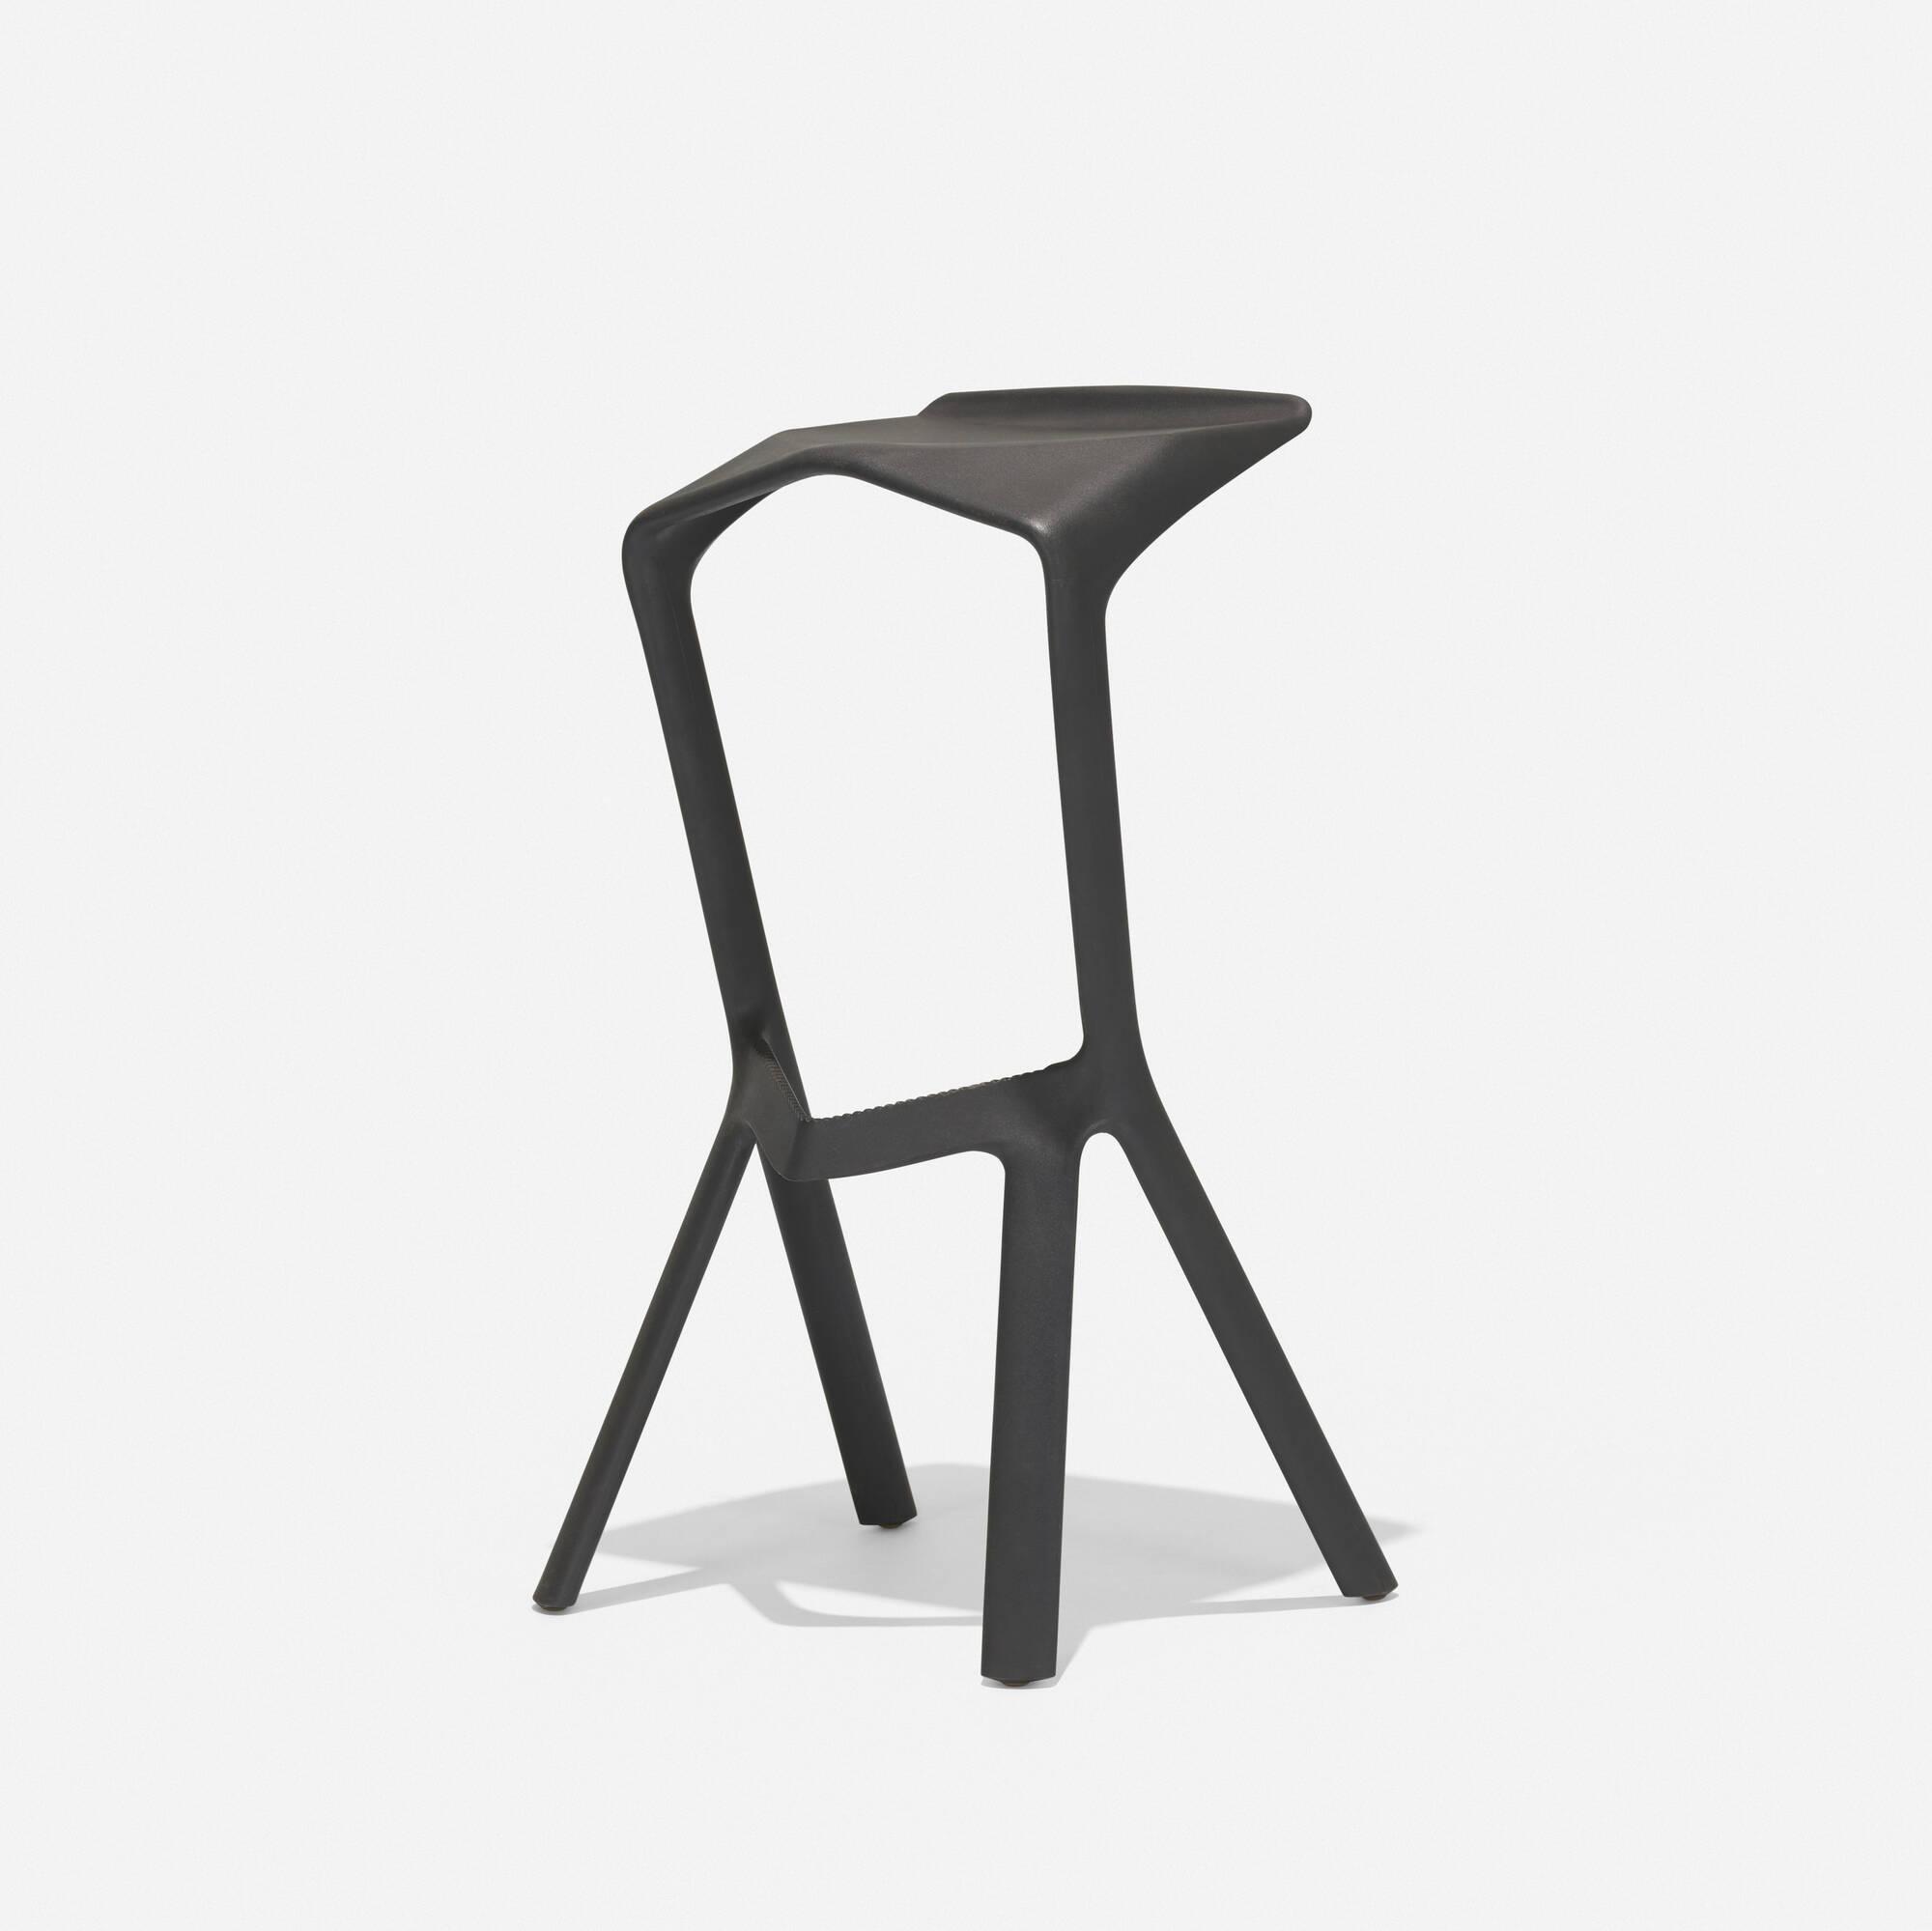 442: Konstantin Grcic / Miura stool (1 of 3)